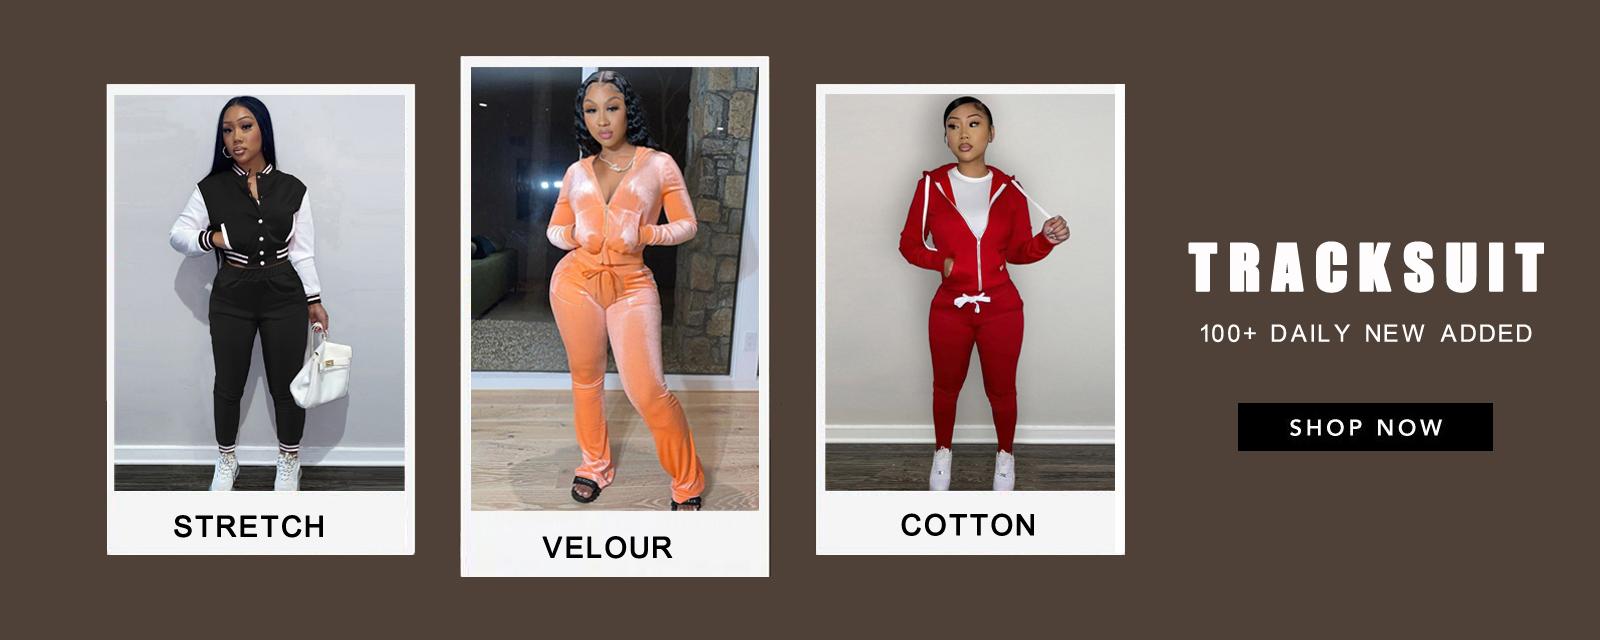 Herbstliches, kontrastfarbenes, kurzes Oberteil und Hosen-Trainingsanzug